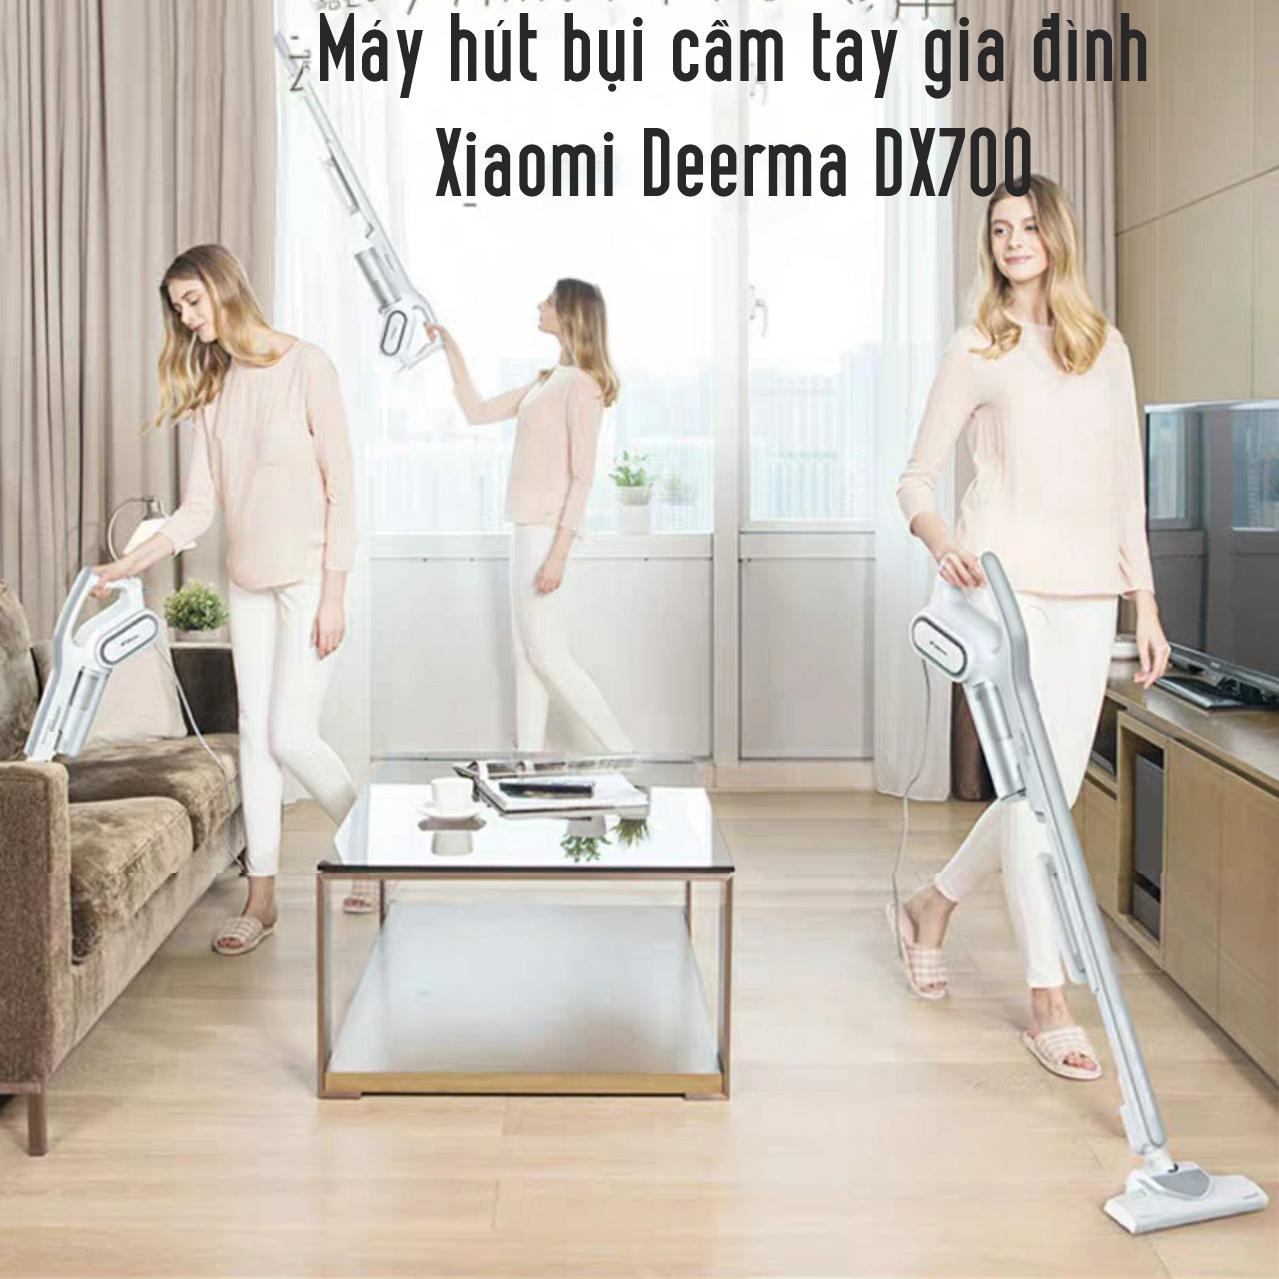 Máy Hút Bụi Cầm Tay Gia Đình Deerma Vacuum Cleaner DX700, Công Suất 600W, Lọc Bụi Diệt Khuẩn HEPA